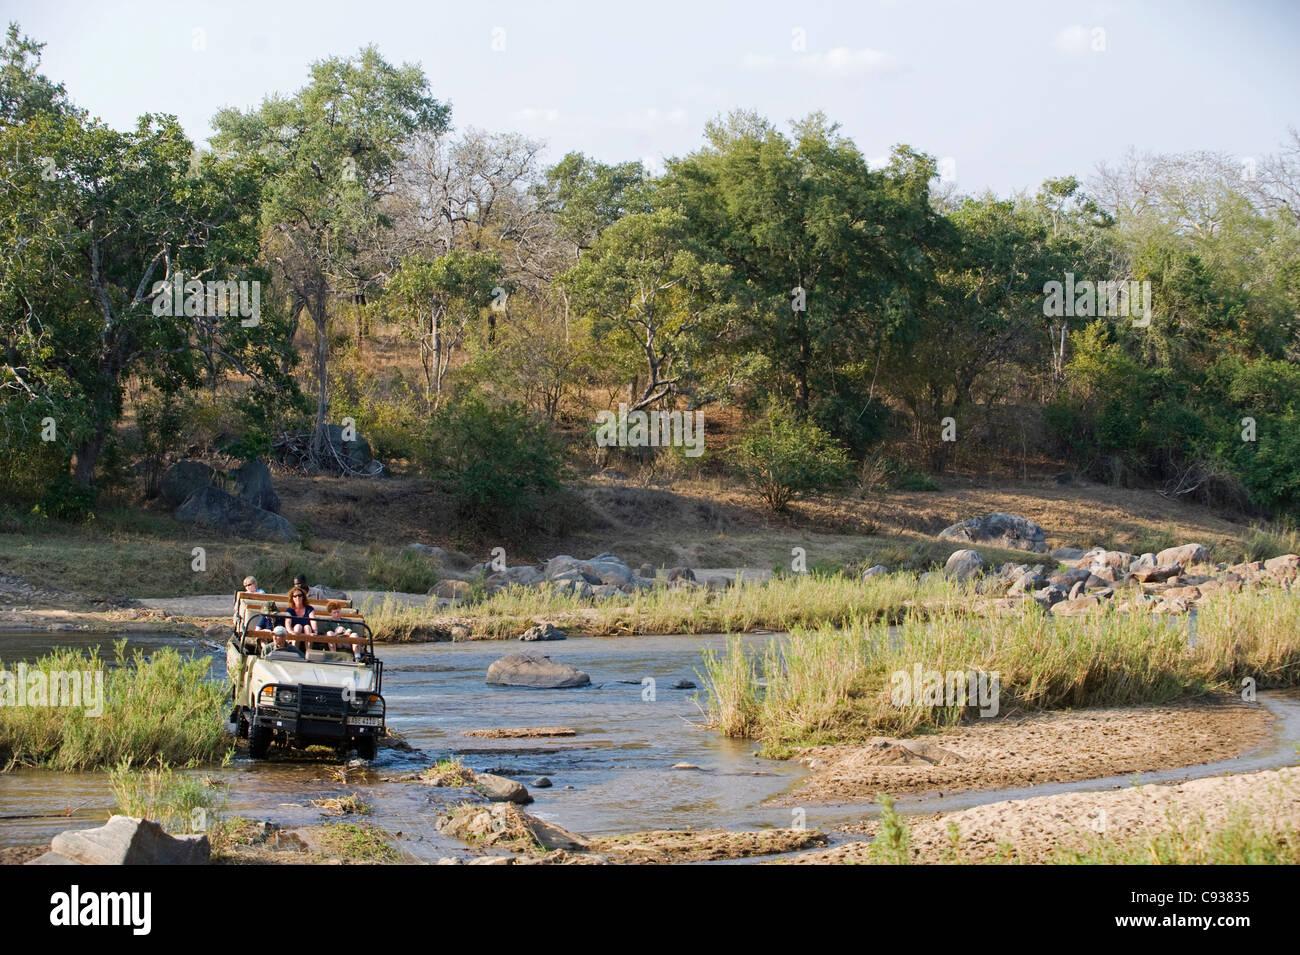 Au Malawi, la Réserve de faune majete. Sur la croix de la famille safari Mkulumadzi River safari dans leur Photo Stock